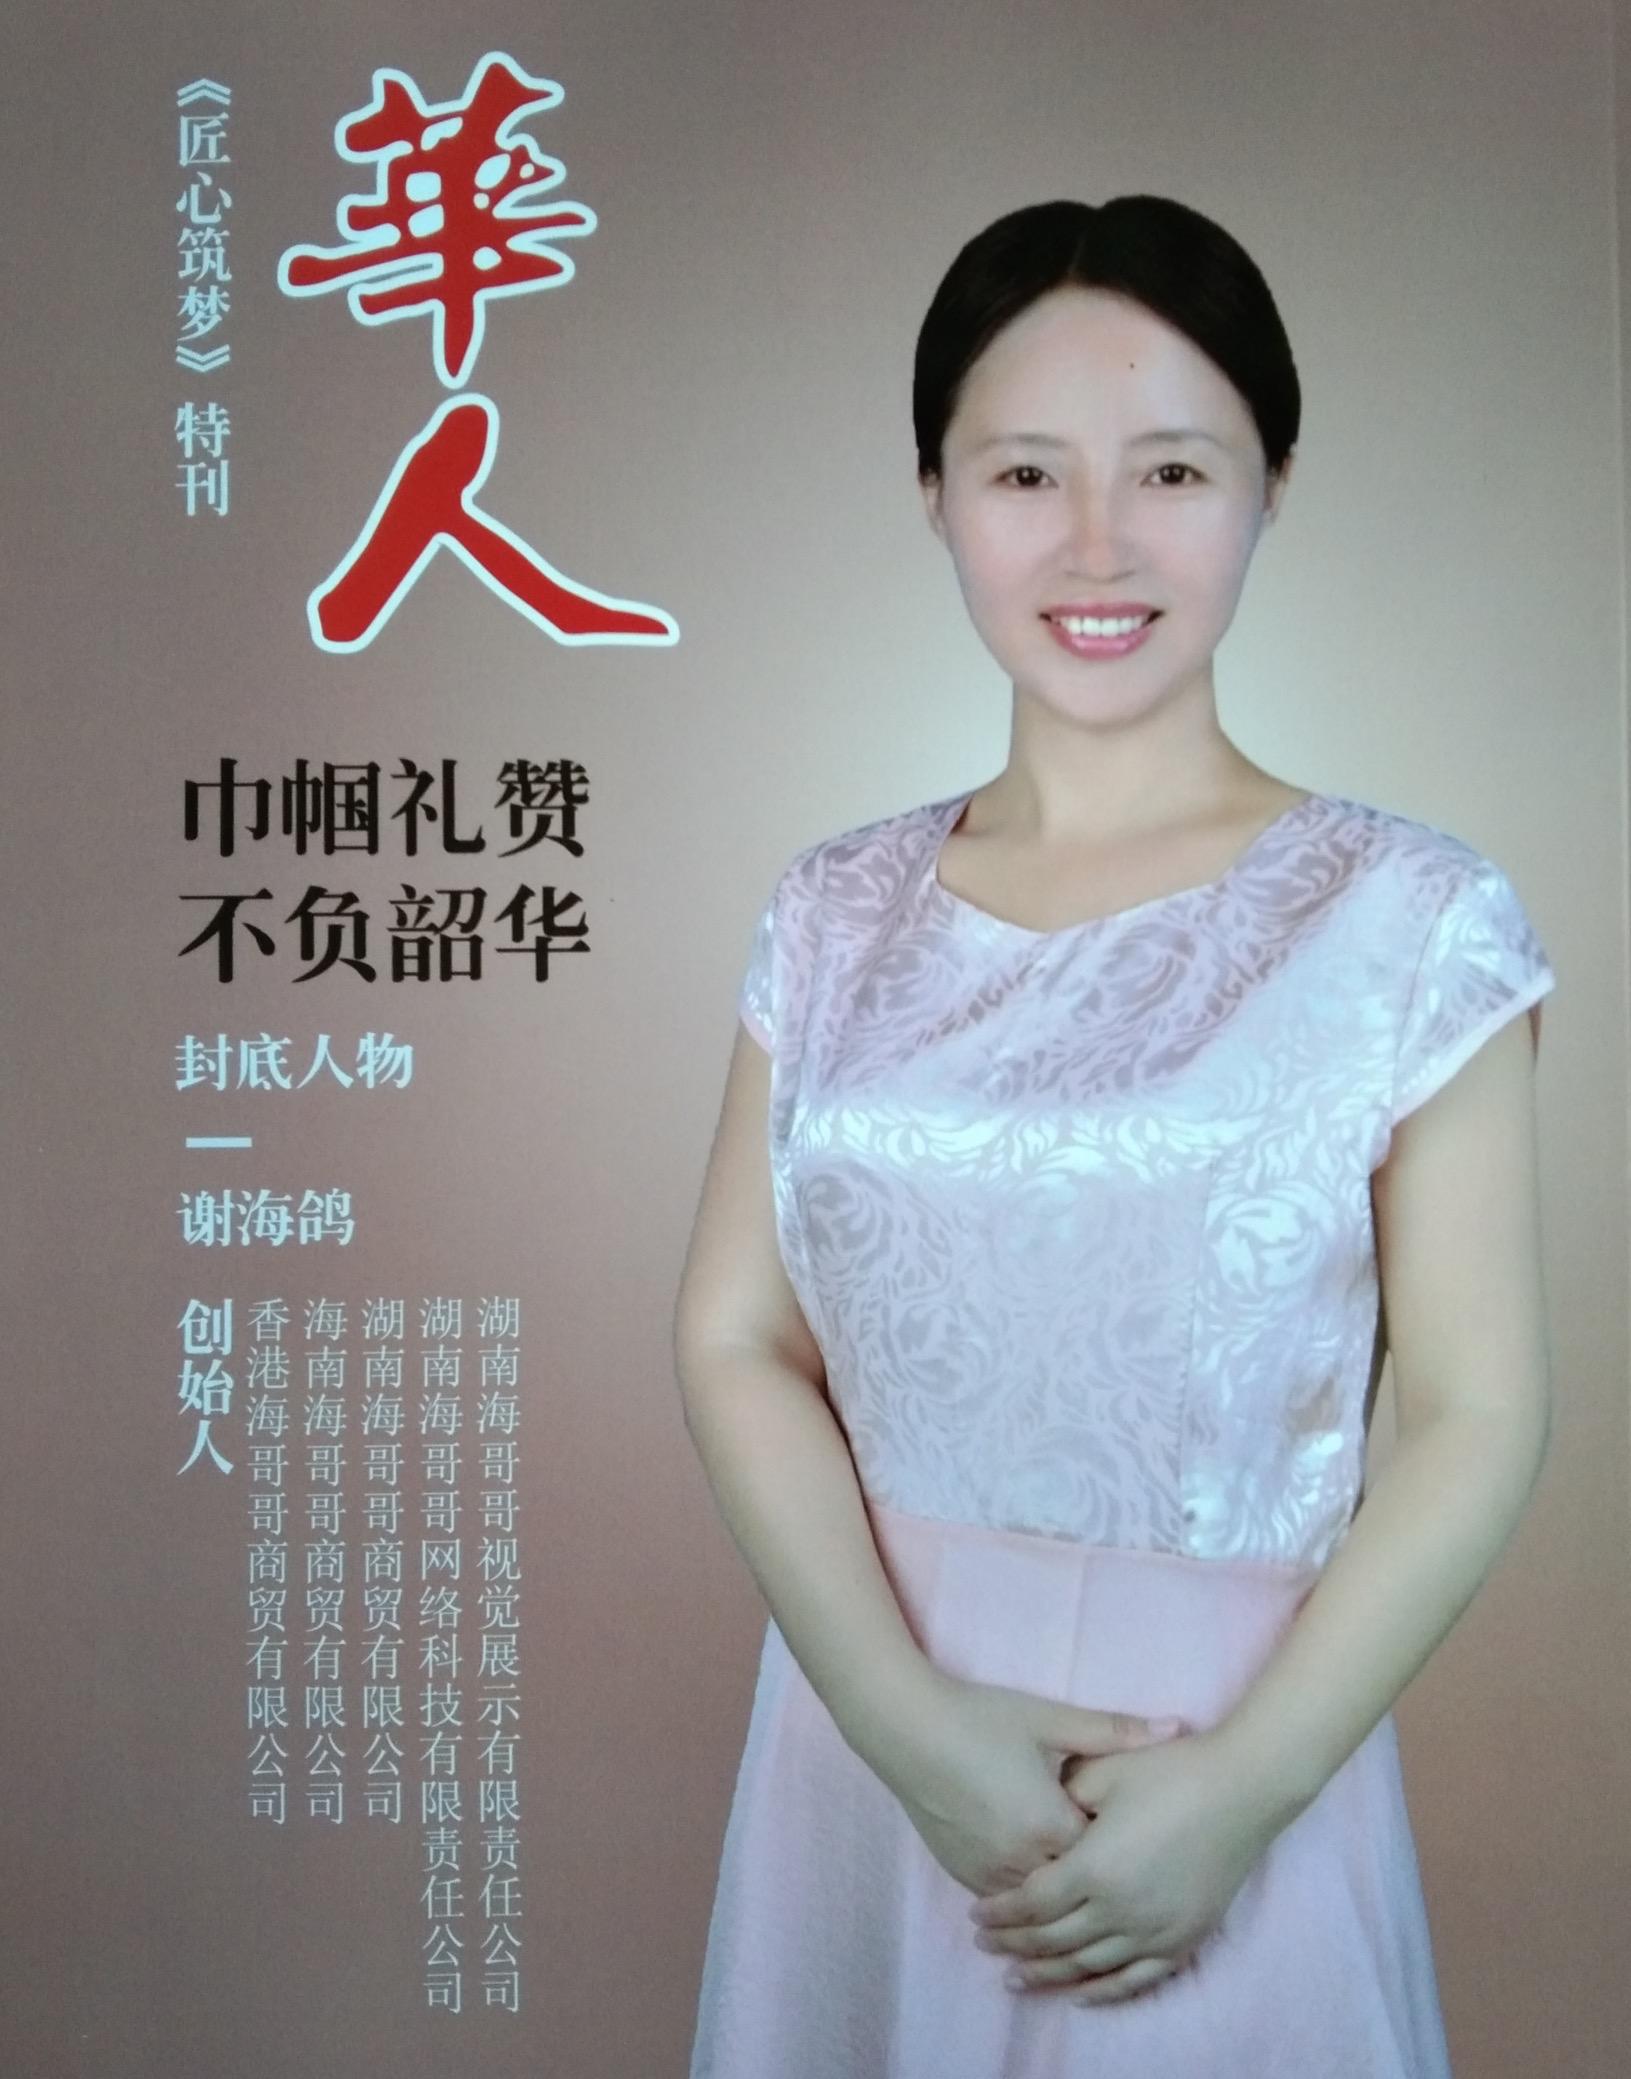 女人穿着裙子  描述已自动生成